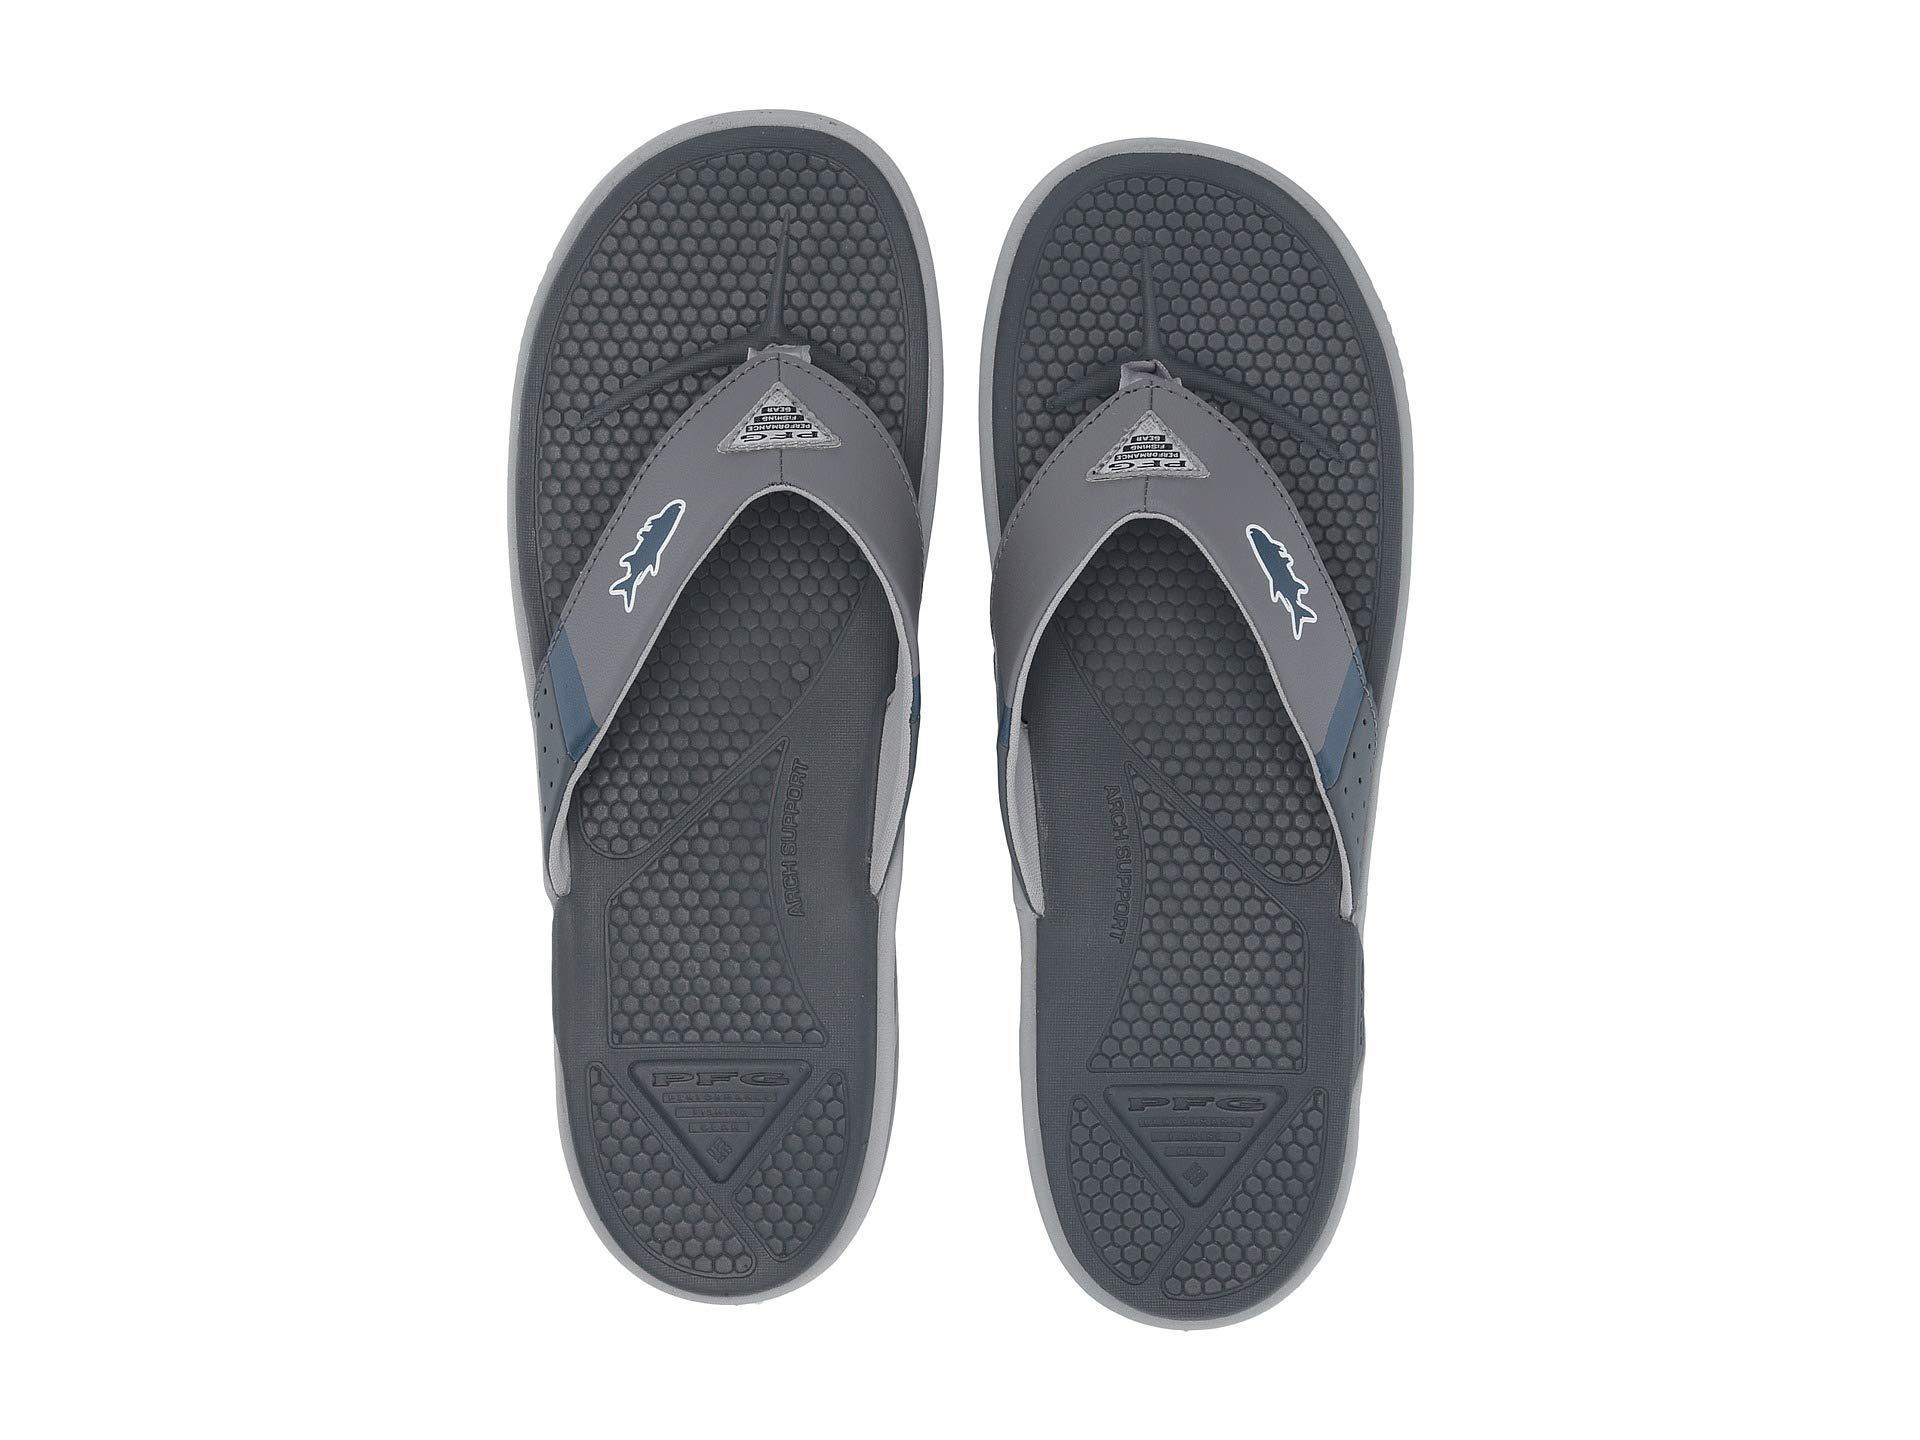 d30580fddb23 Lyst - Columbia Rostratm Pfg (black steam) Men s Sandals in Gray for Men